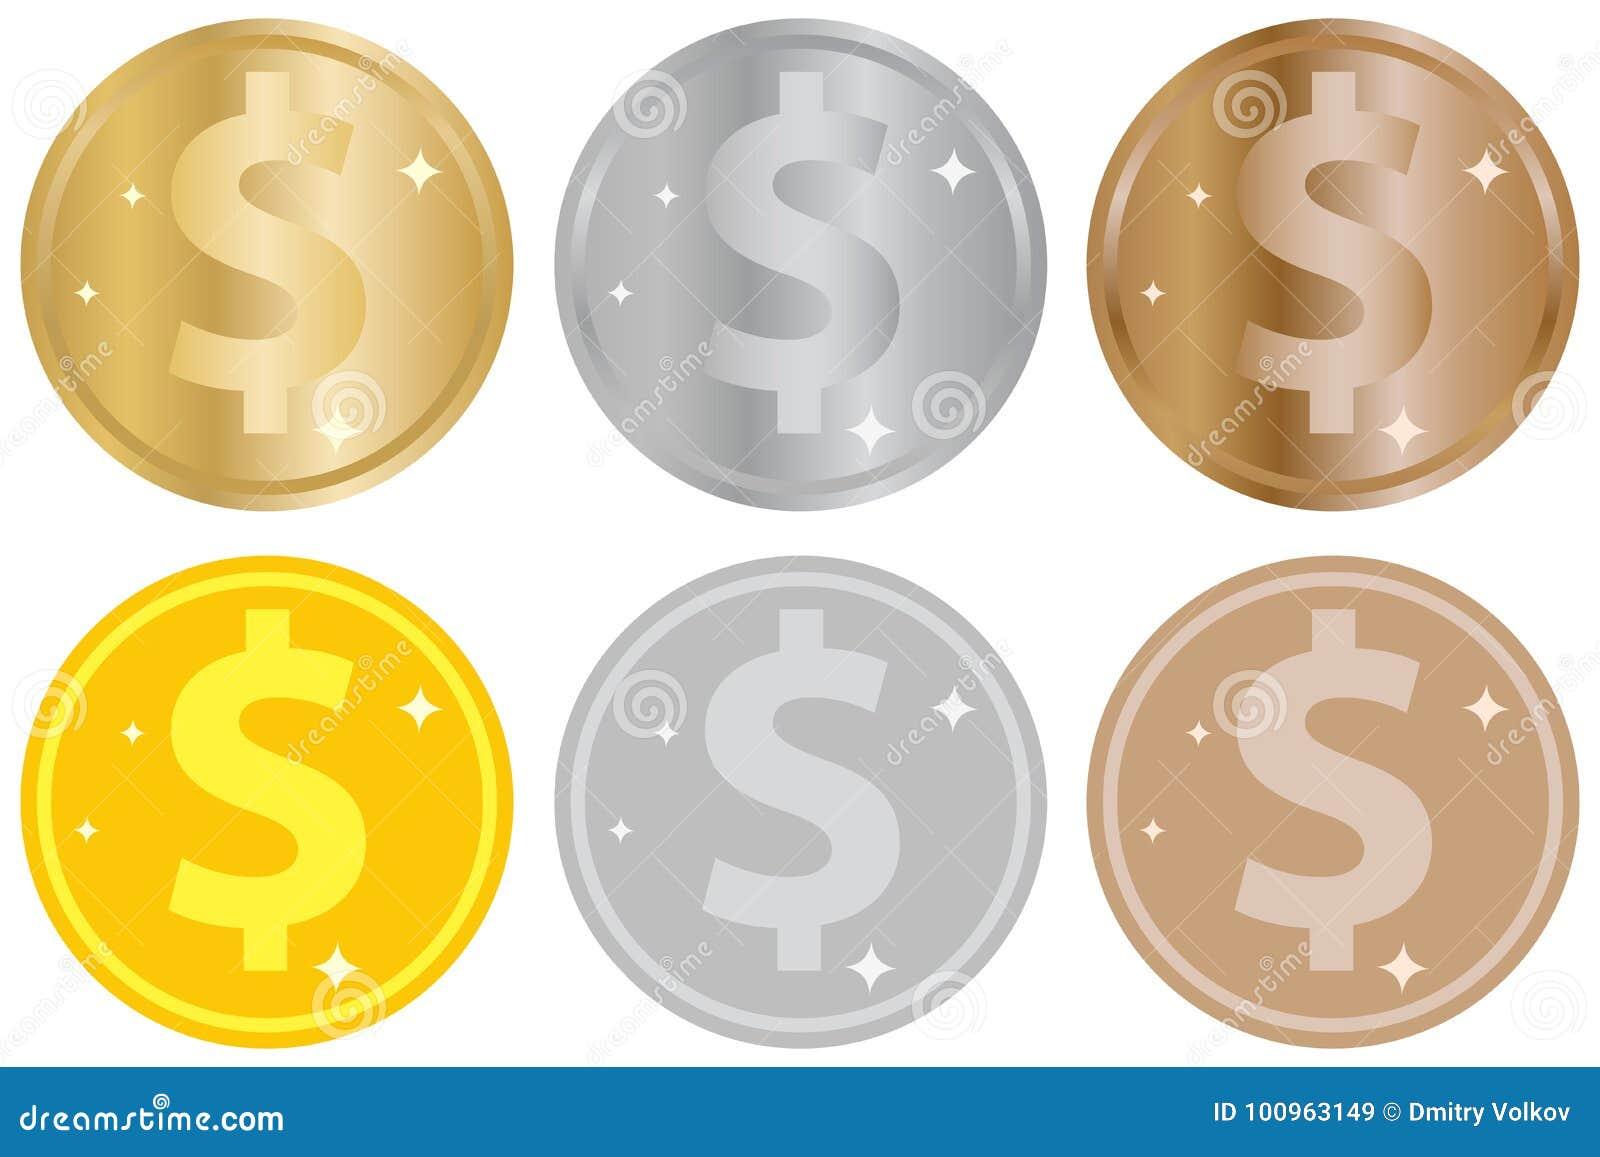 一套硬币、金、银或者古铜硬币